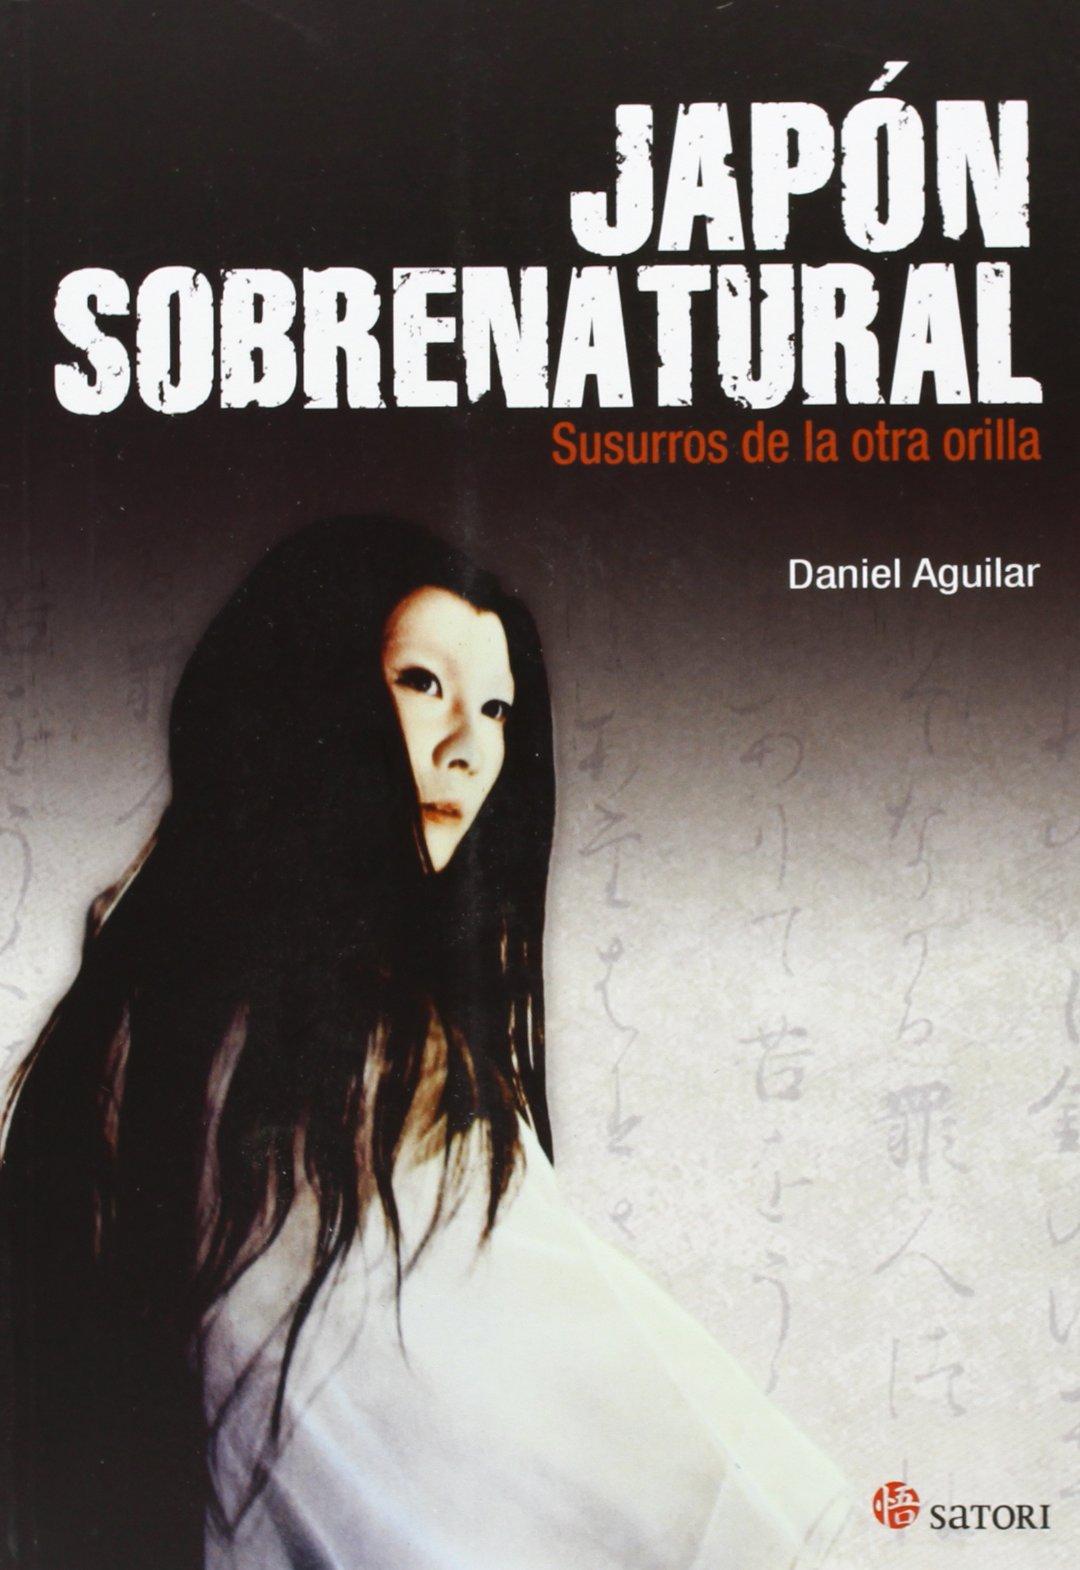 Japón sobrenatural. Susurros de la otra orilla Filosofia Y Religion: Amazon.es: Daniel Aguilar: Libros